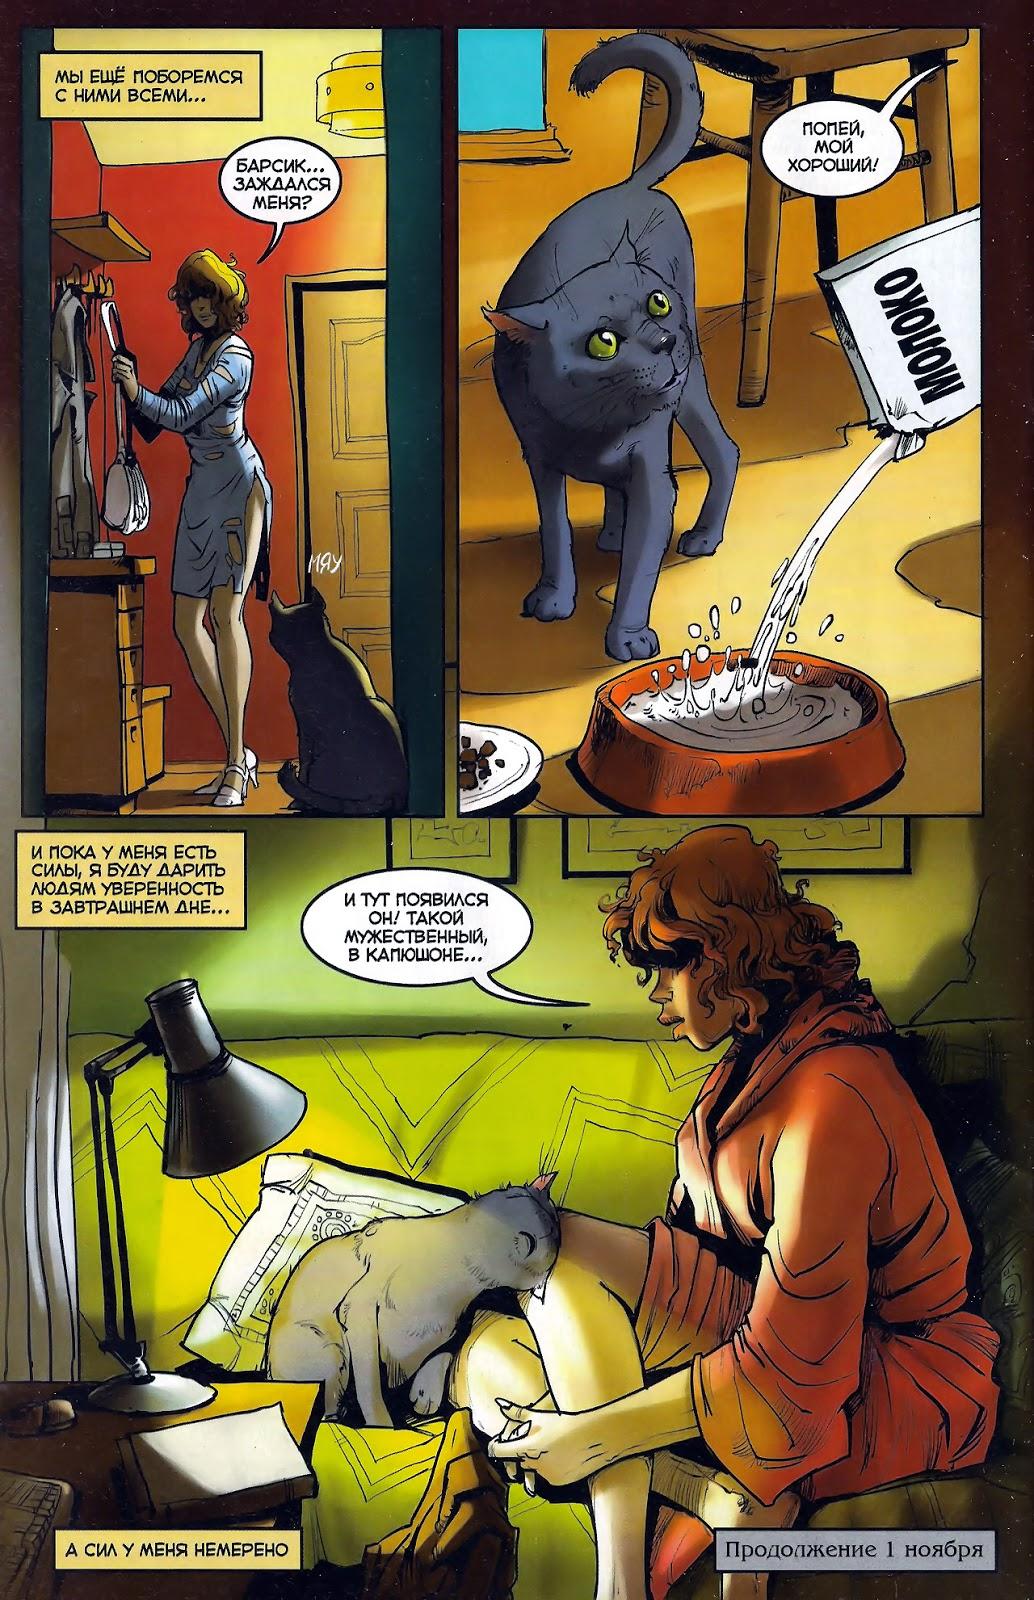 Рисованные порно комиксы журнала андрей бесплатно 3 фотография